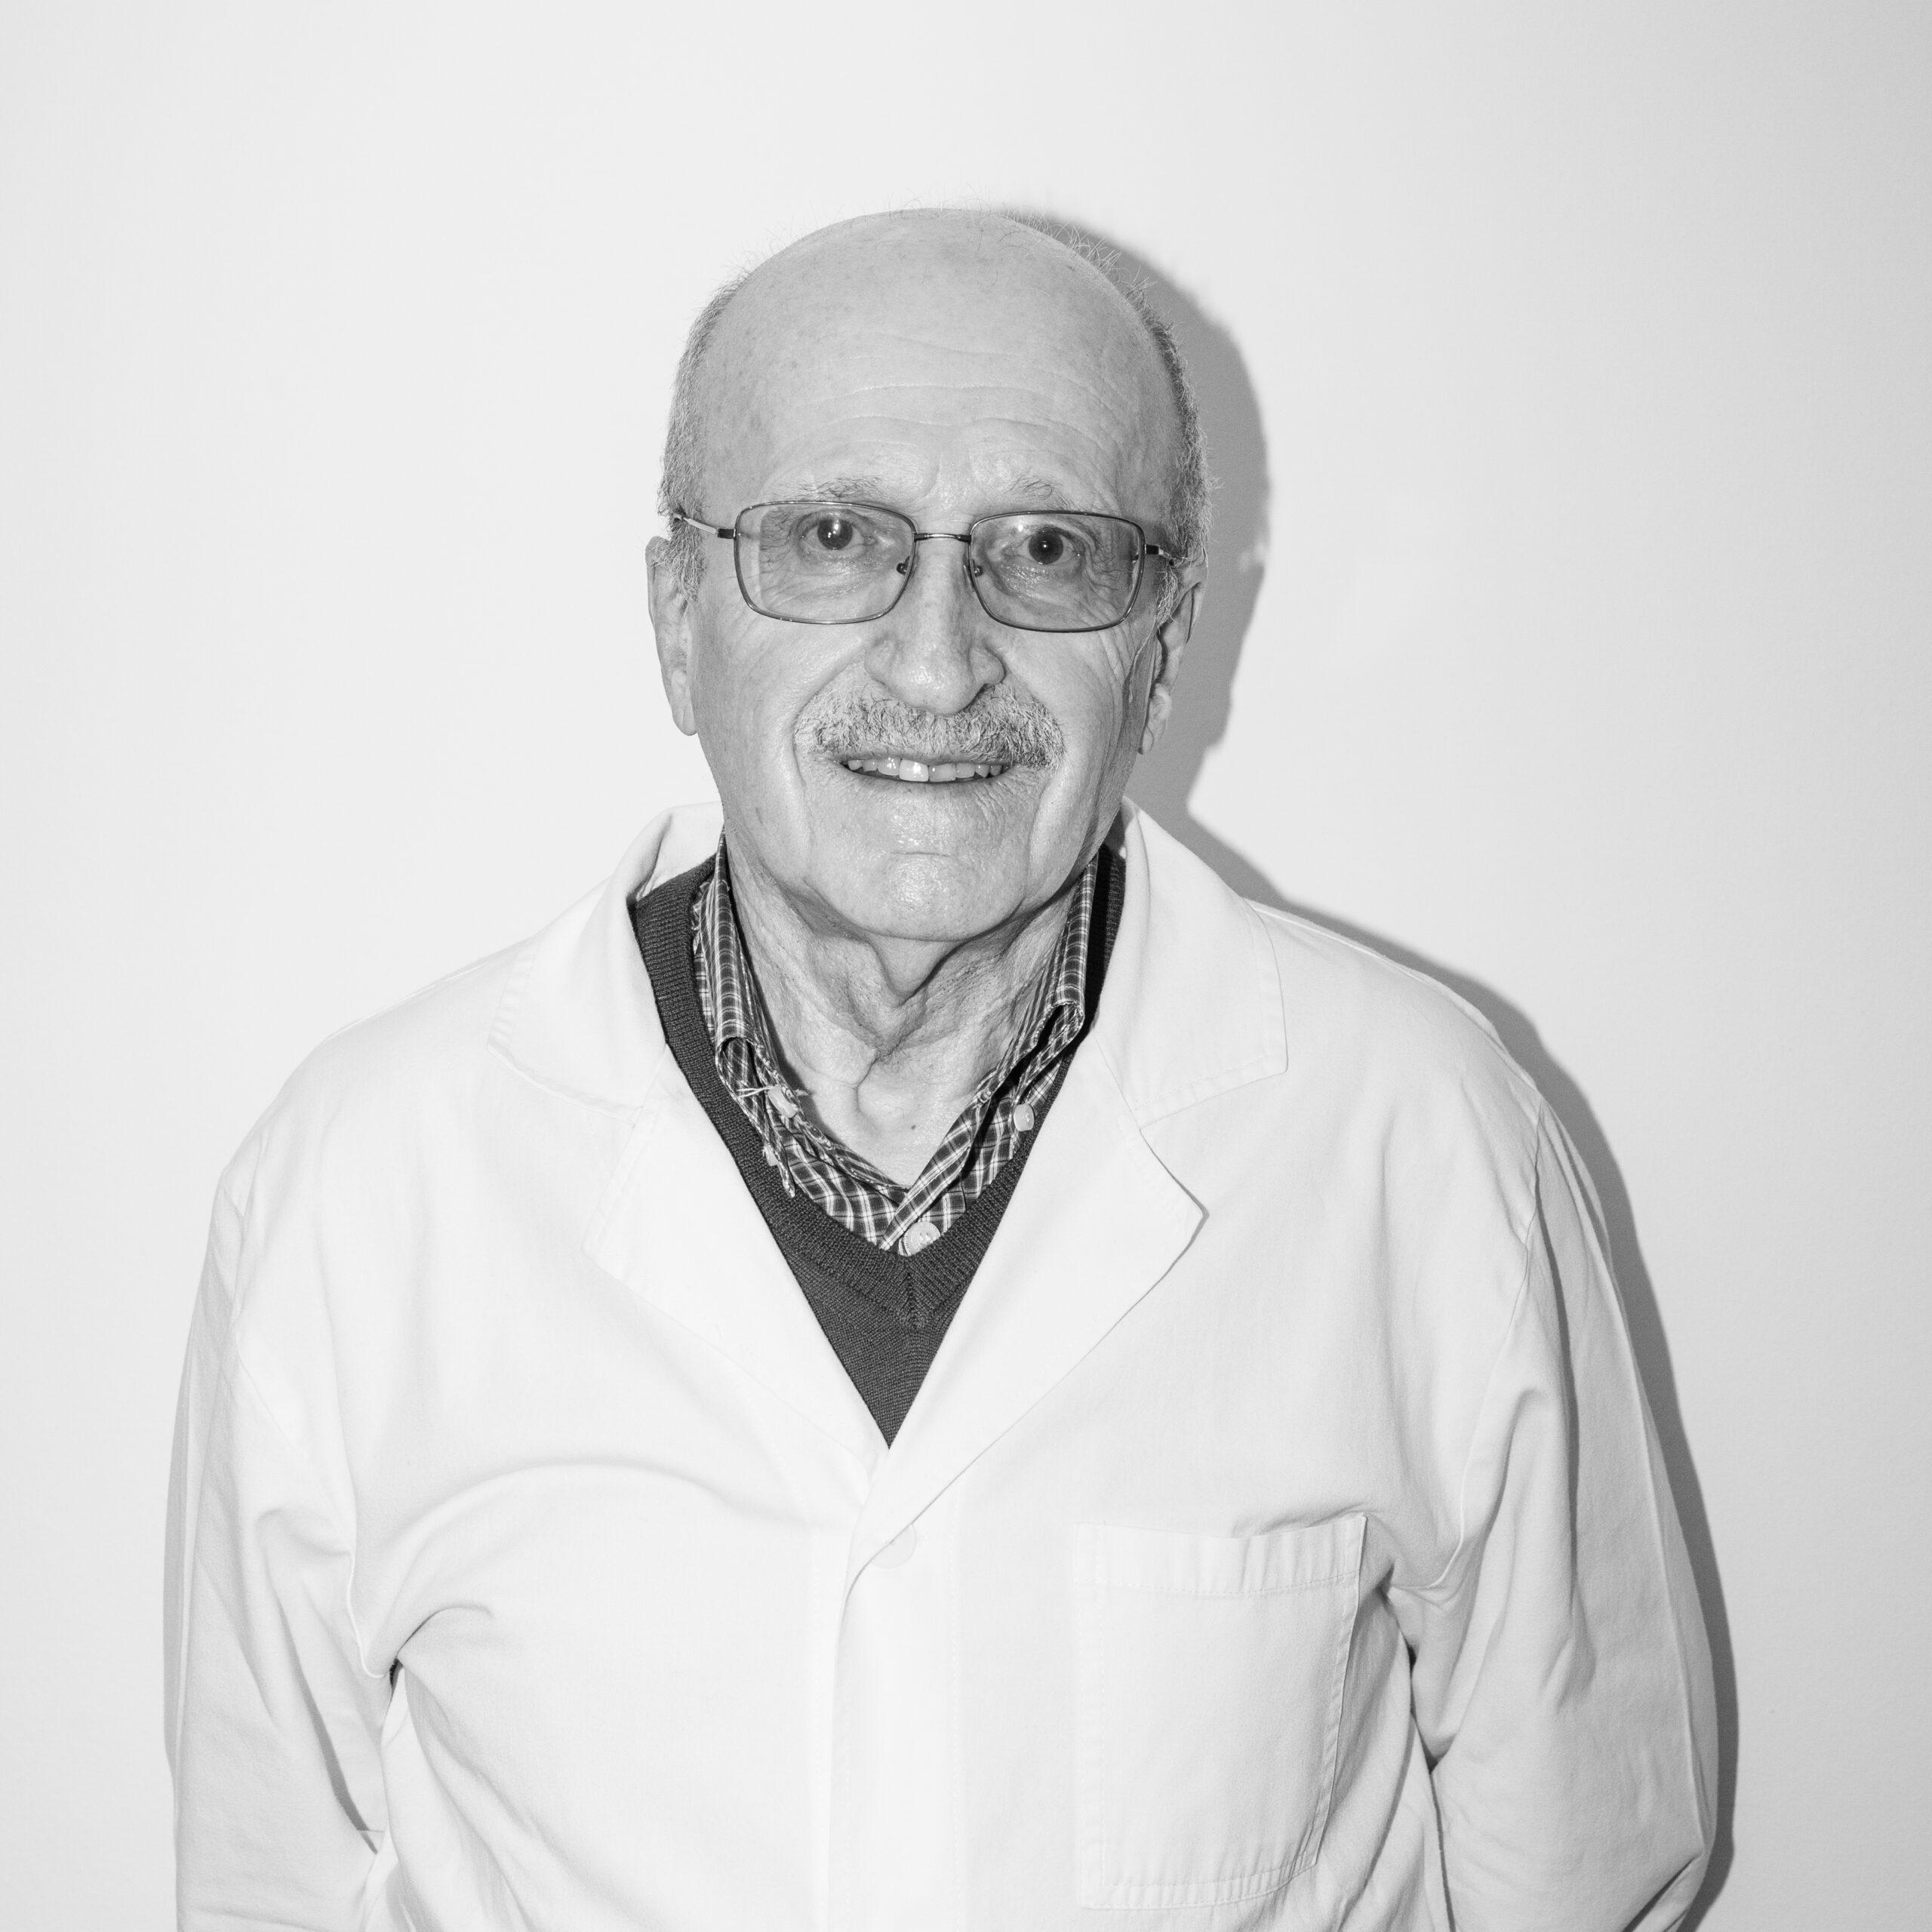 Dr. A. Magliano